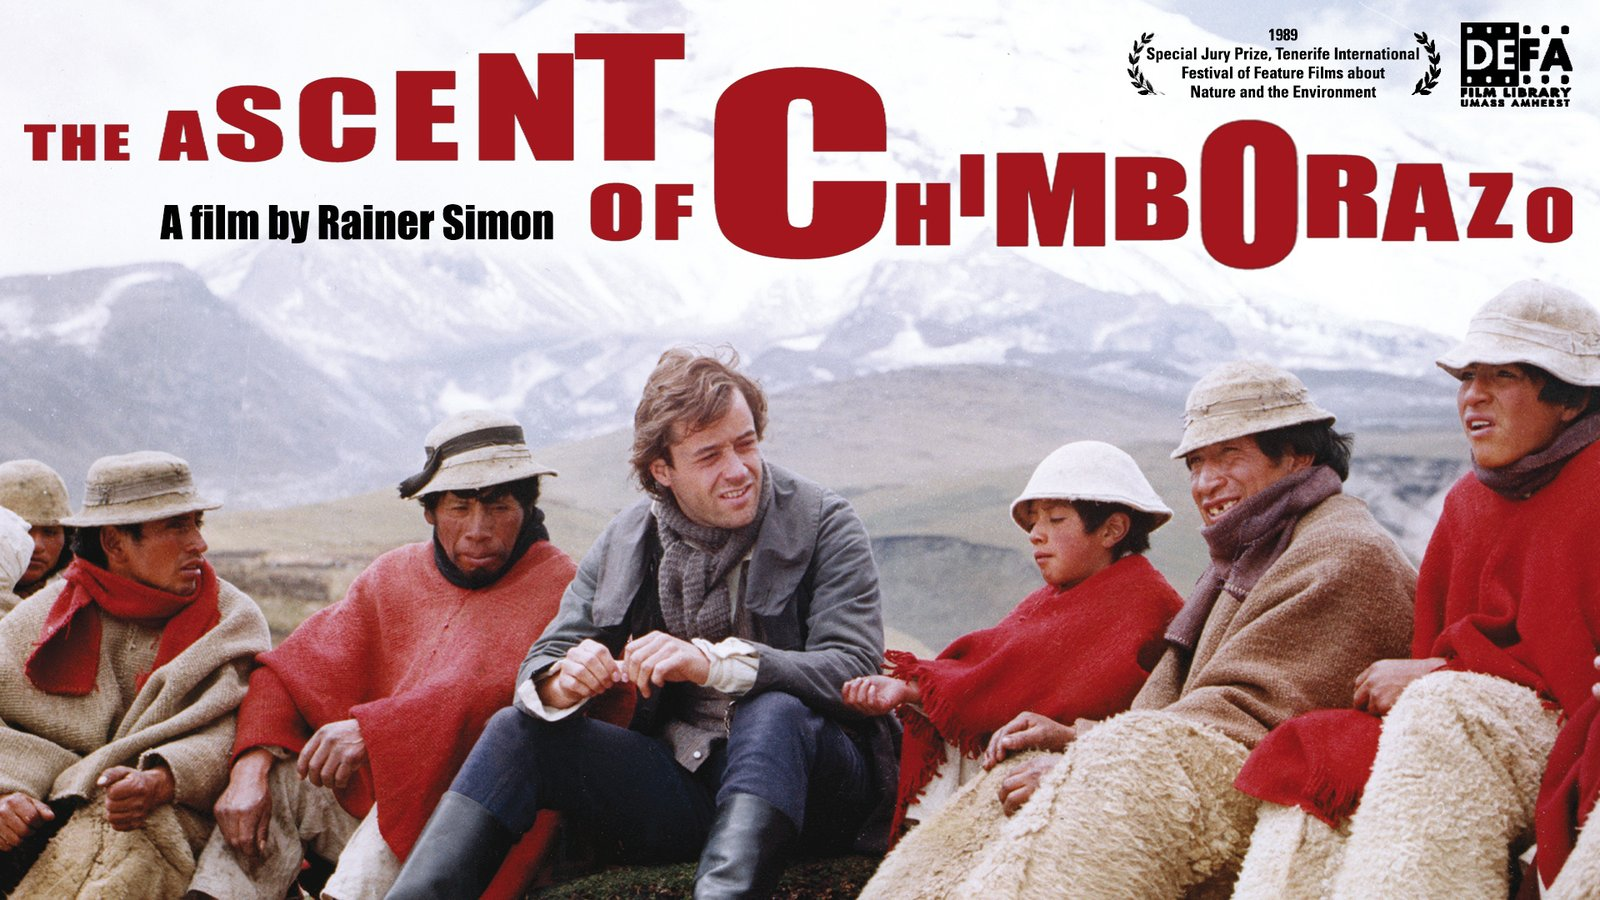 The Ascent of Chimborazo - Die Besteigung des Chimborazo